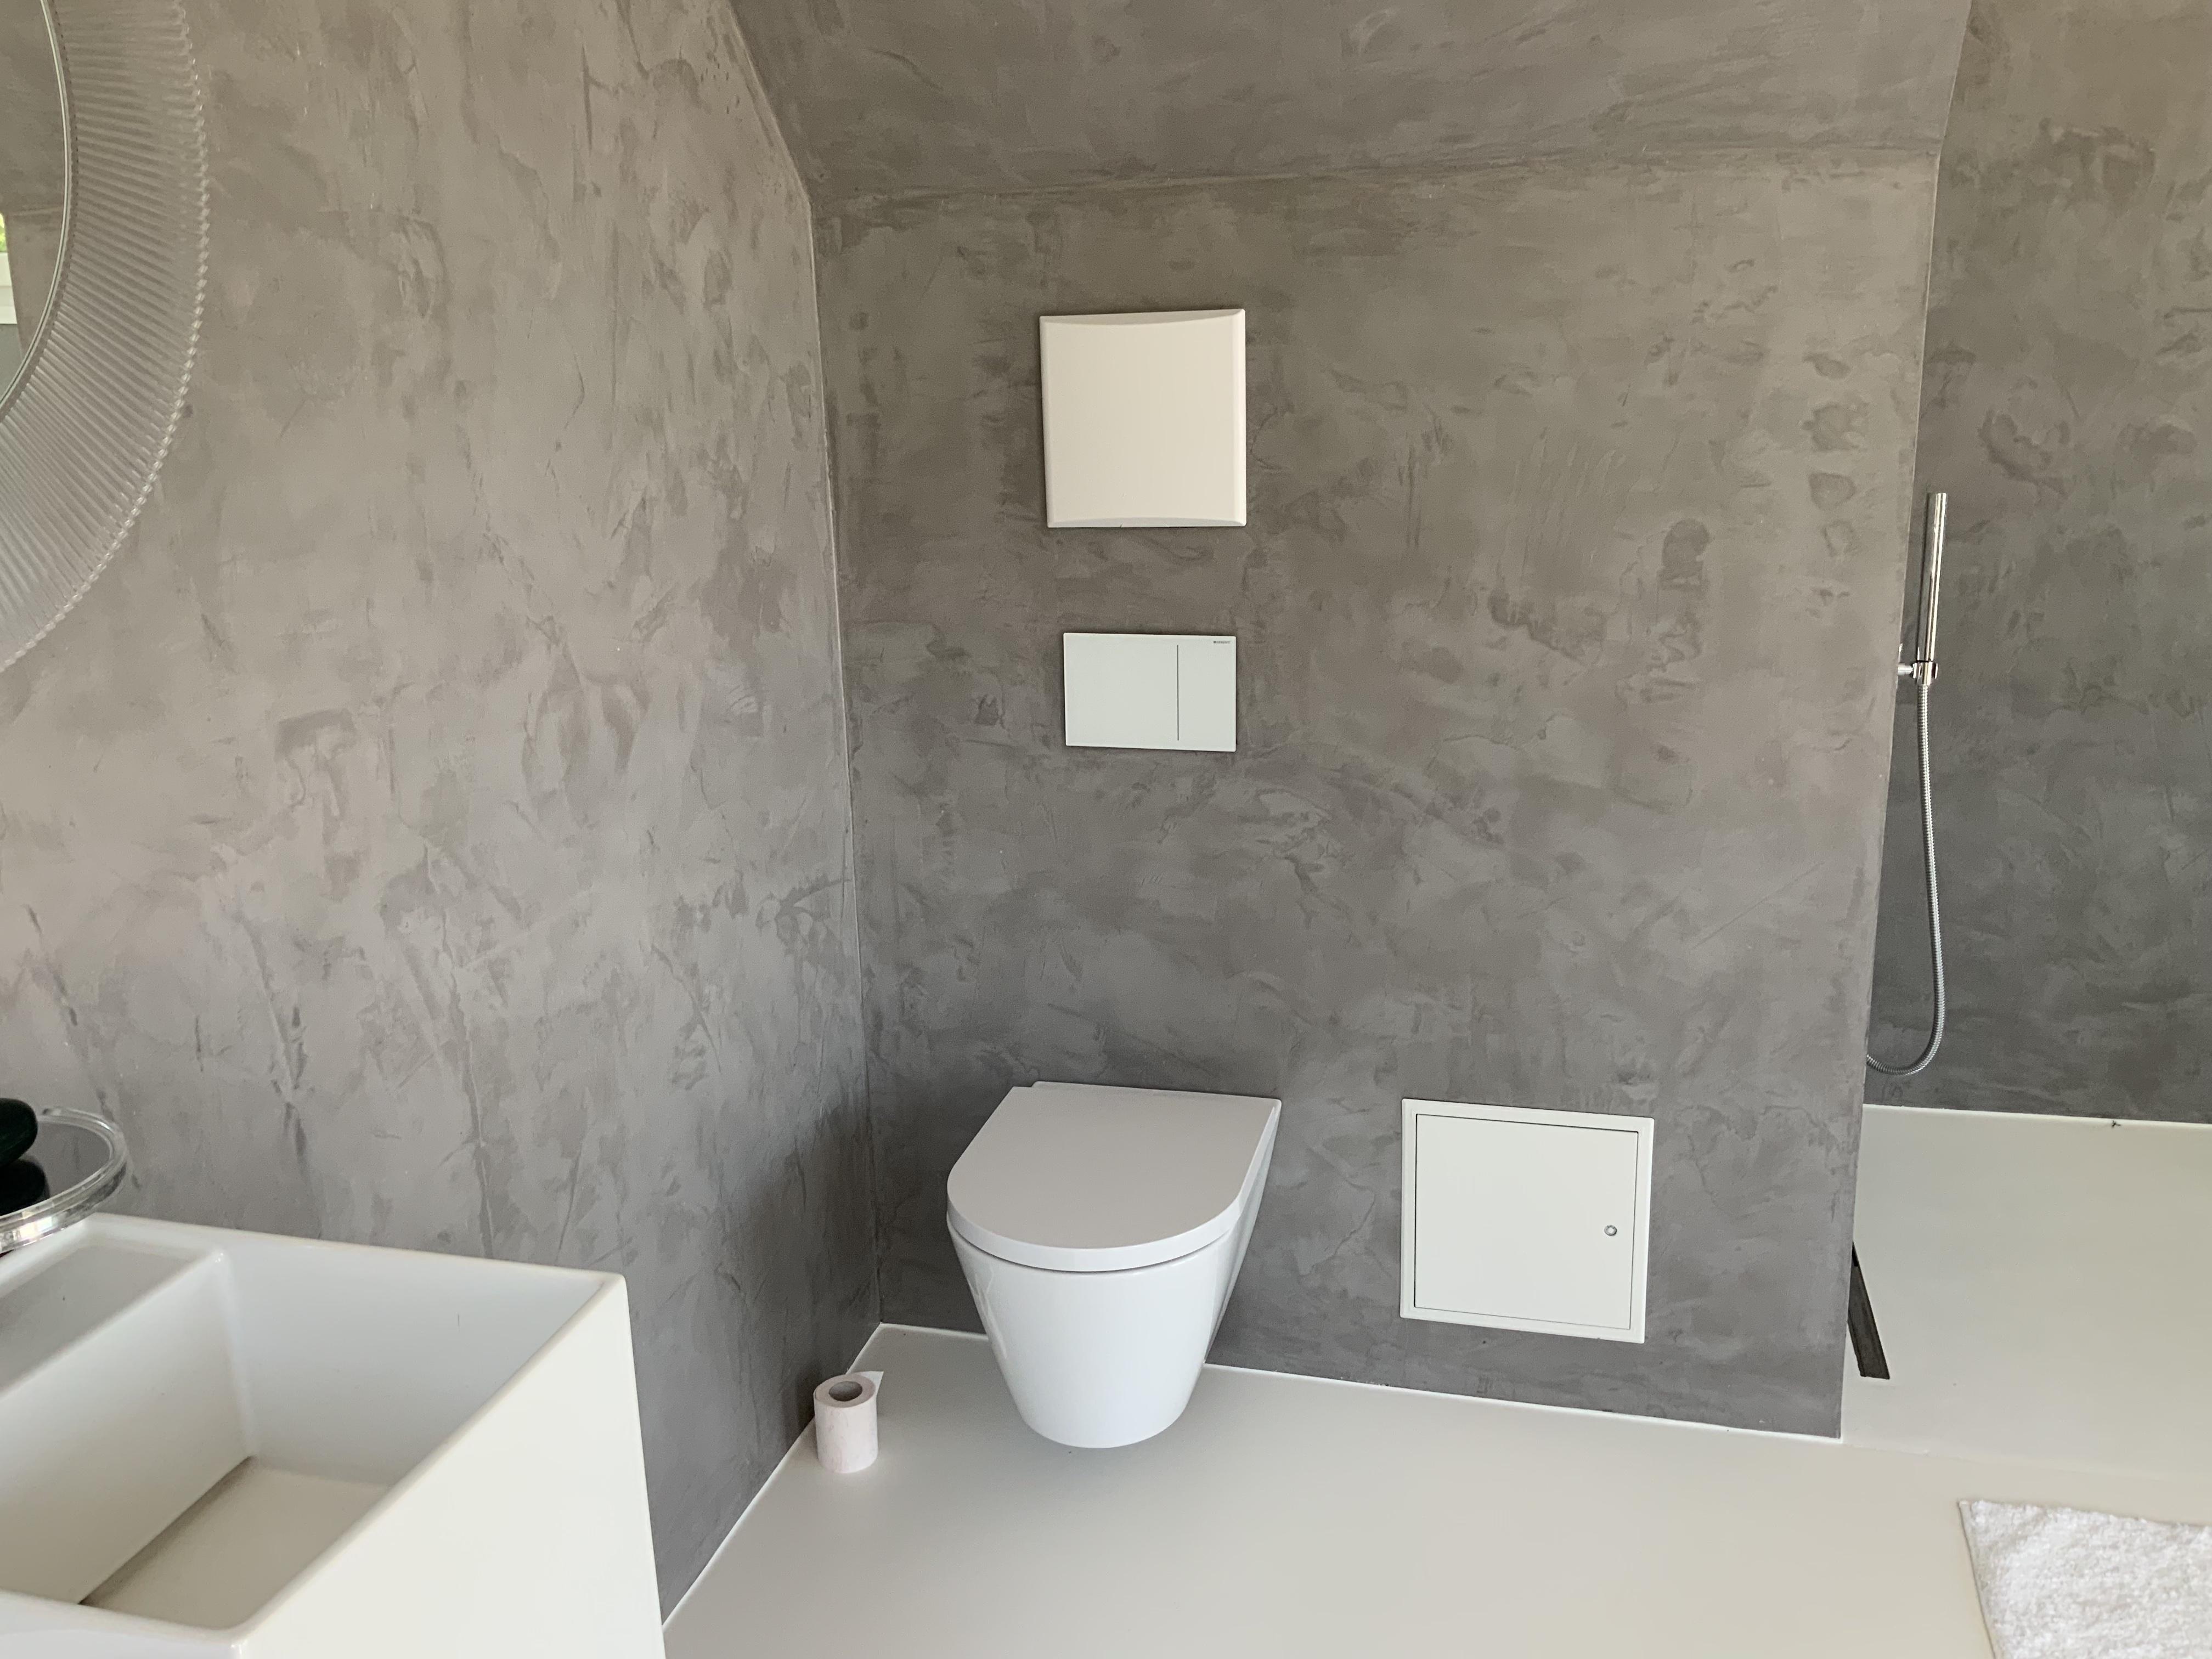 zementäre Wandbeschichtung in Betonoptik in einem Badezimmer mit weißer Bodenbeschichtung